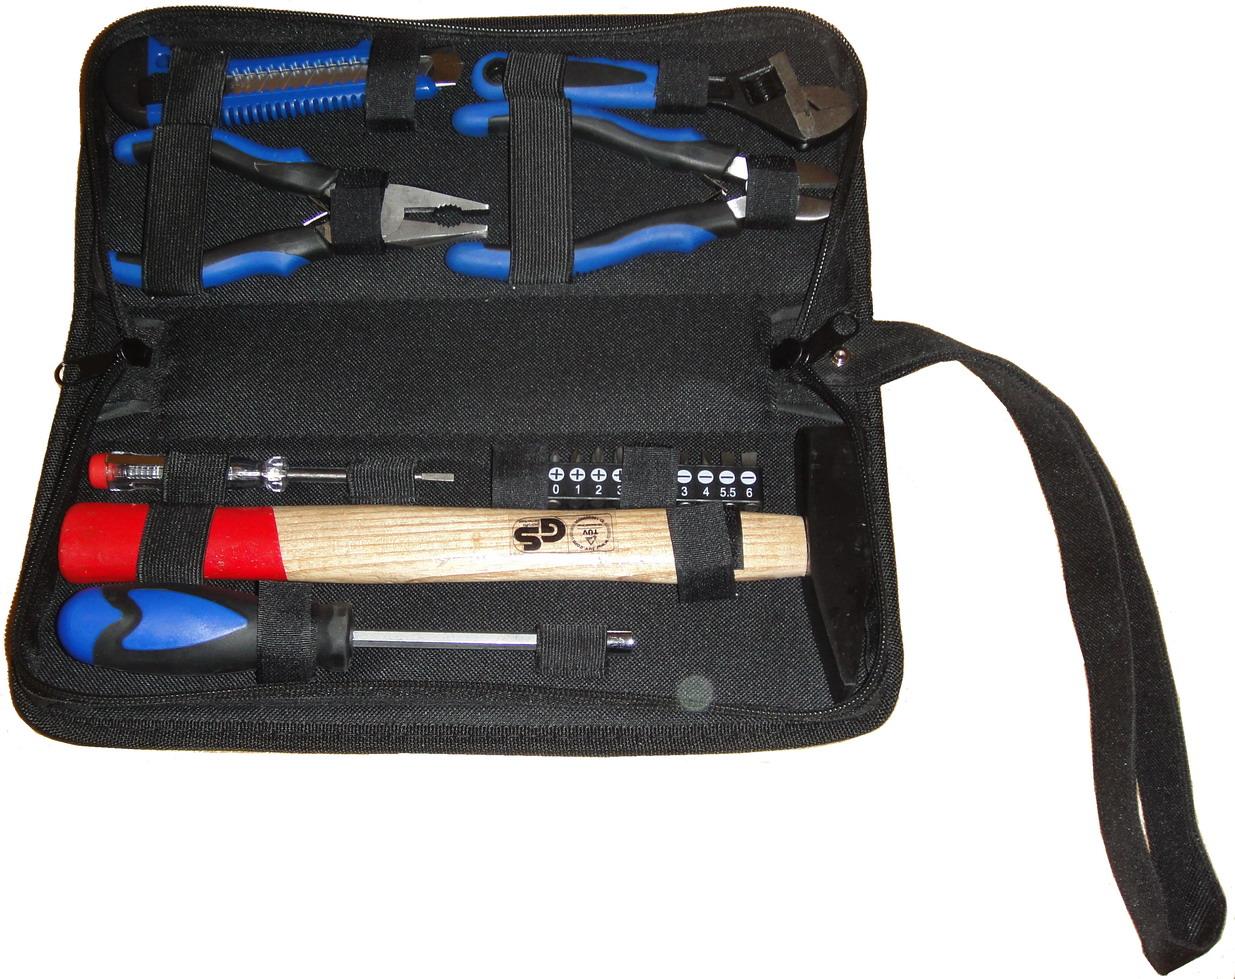 цена на Набор инструментов в сумке на молнии, 17 предметов Unipro U-780